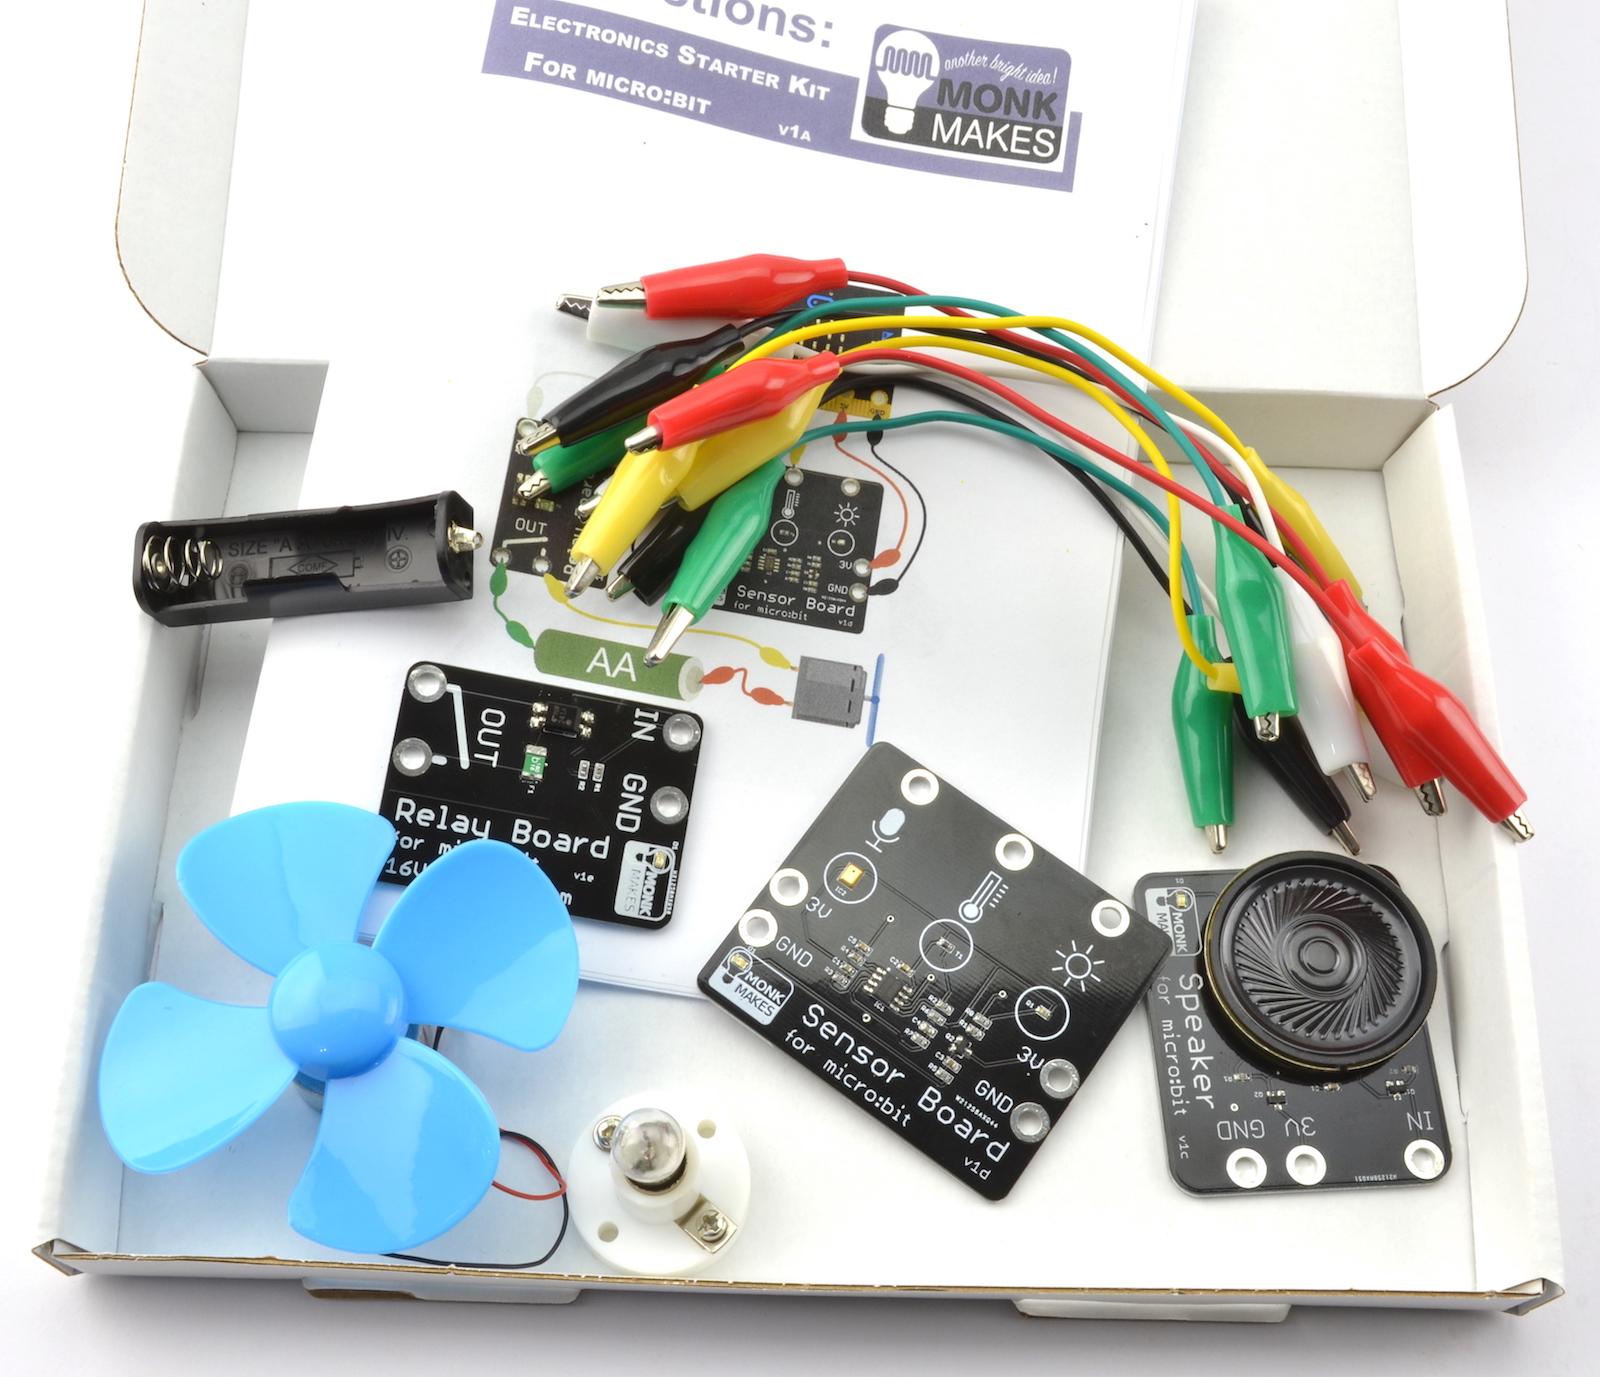 Kit de Iniciación a la Electrónica para micro:bit